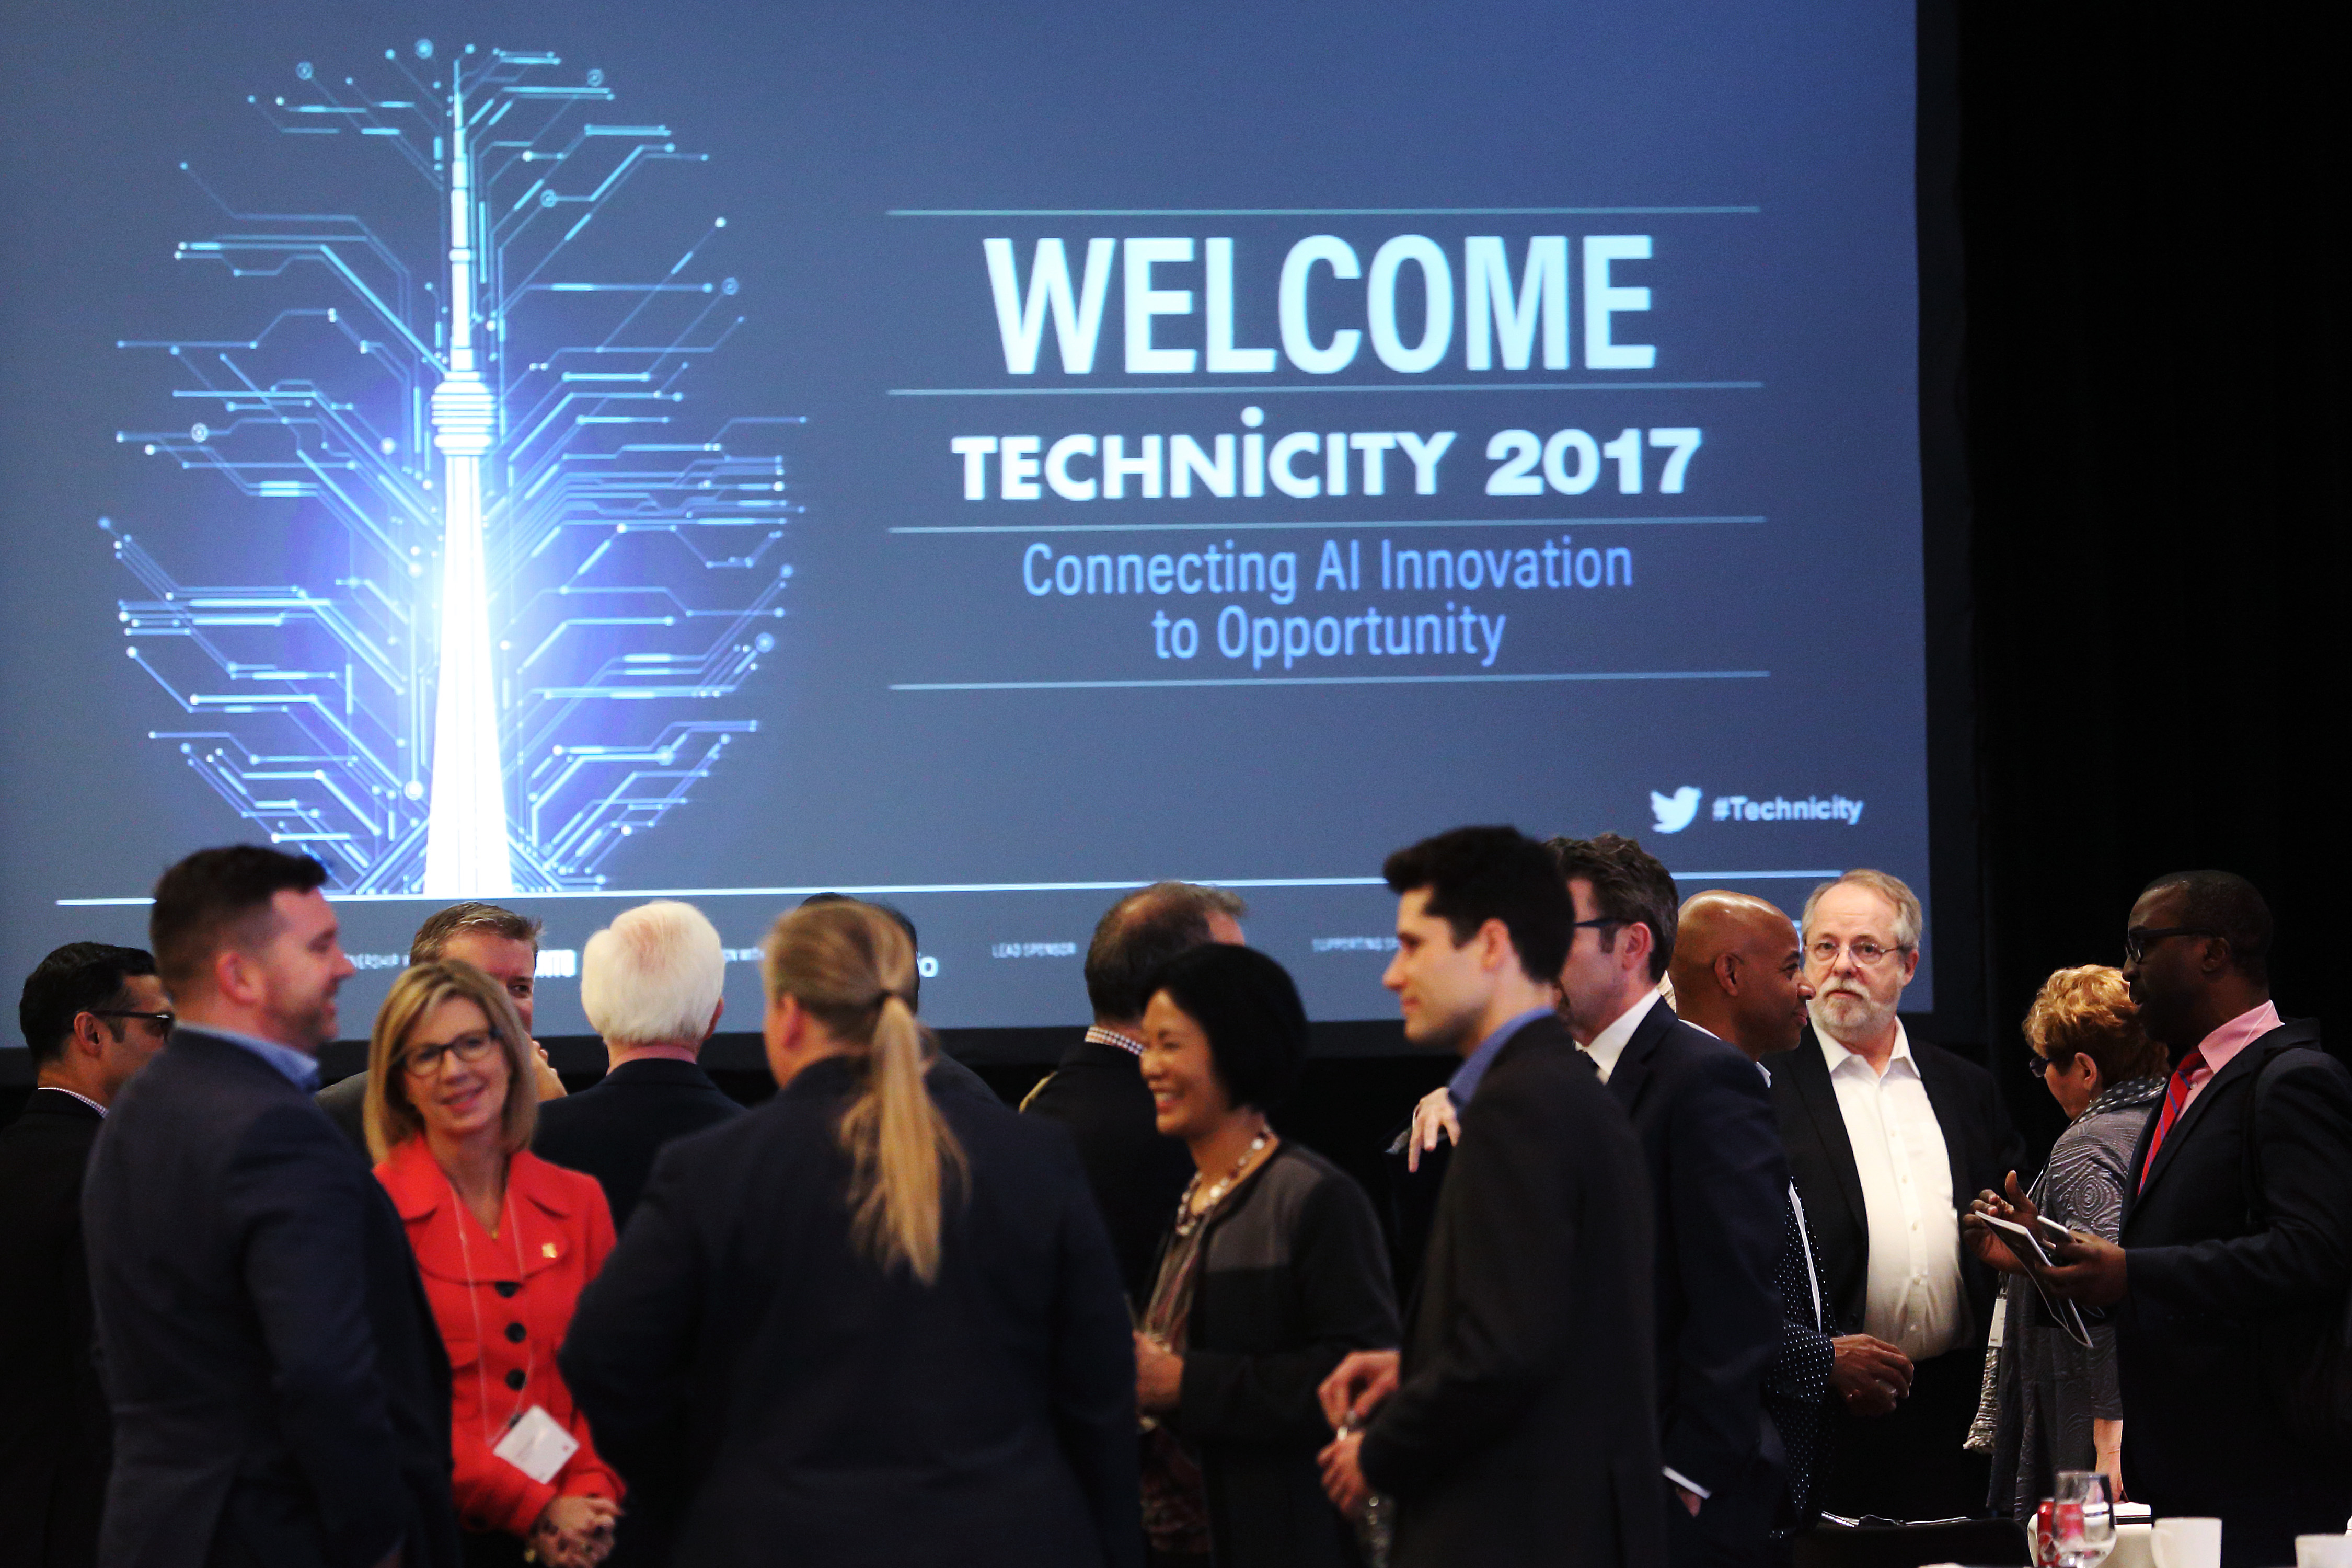 Technicity 2017 - crowd